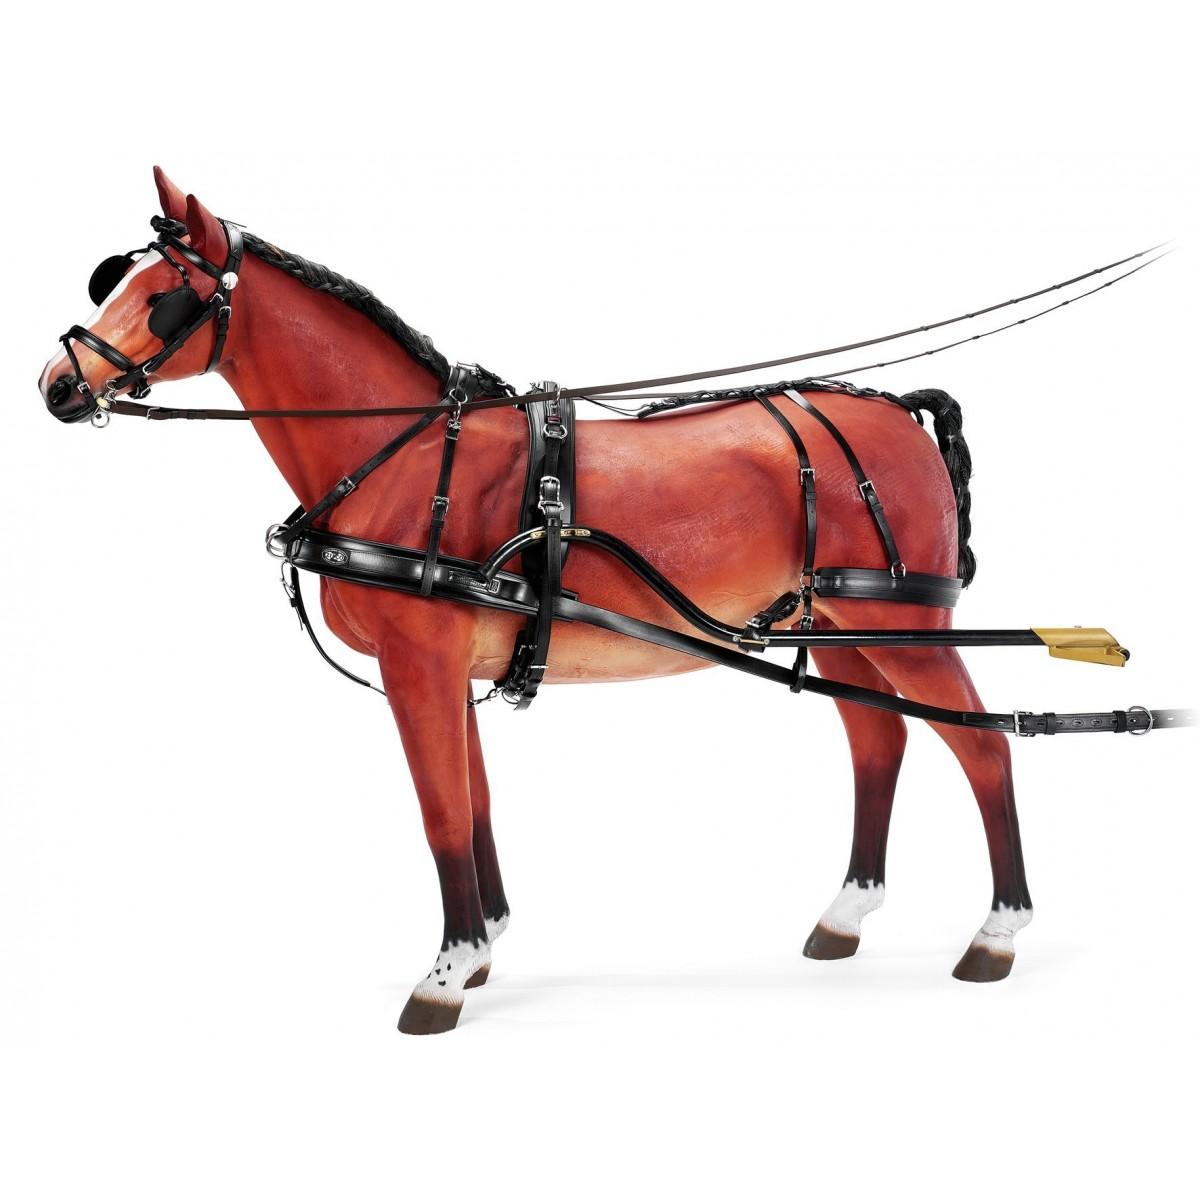 HARNAIS ZILCO GEORGES BOWMAN à un cheval